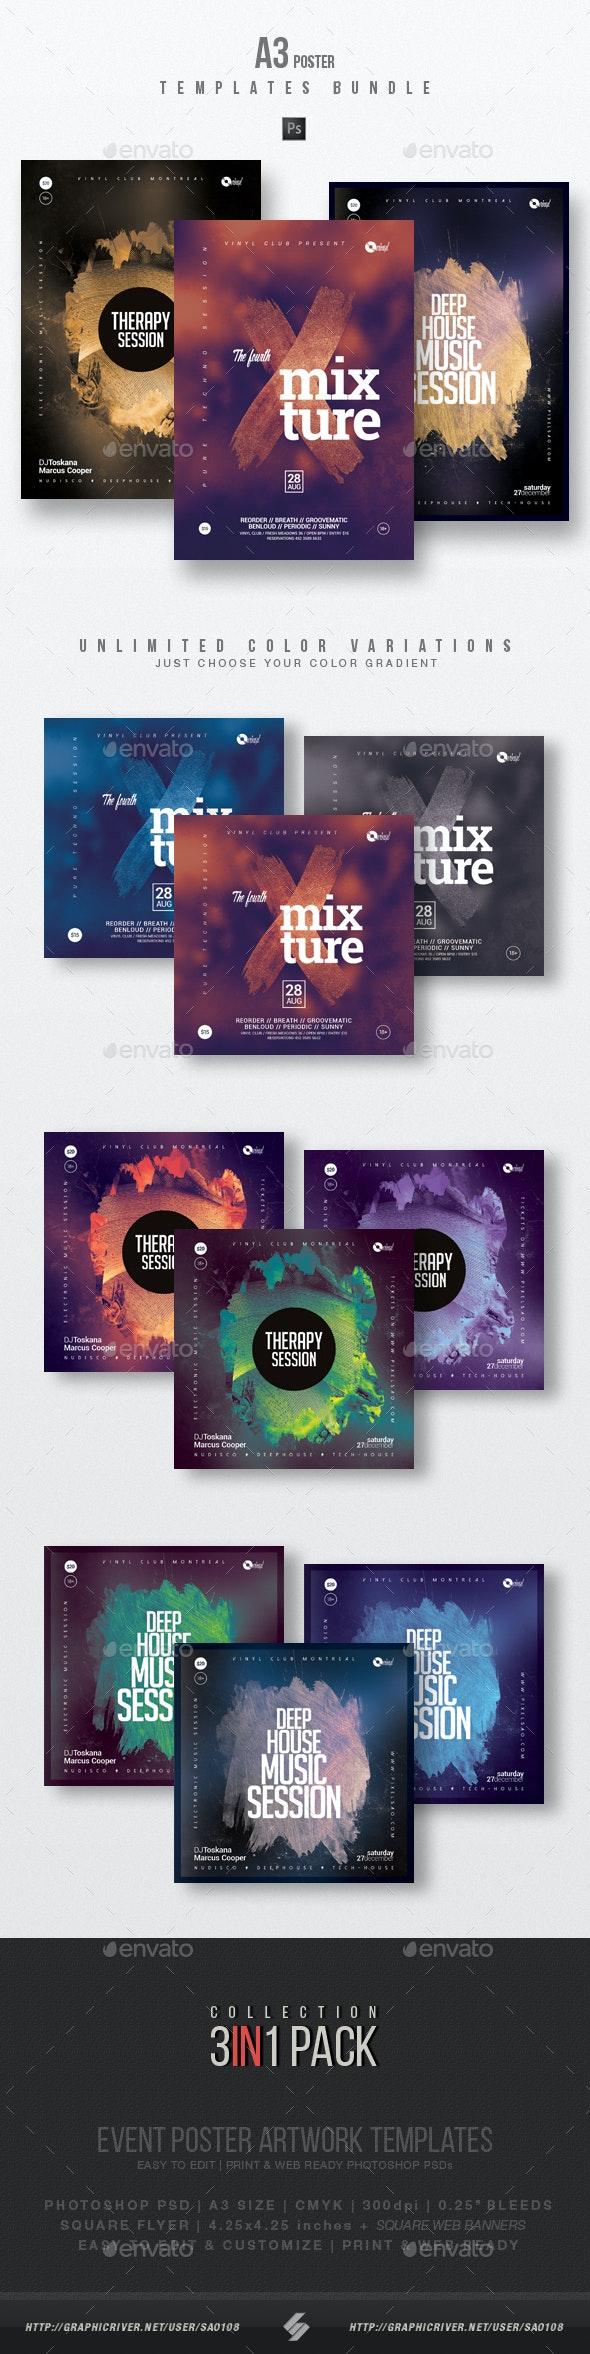 Progressive Sound vol.17 - Party Flyer / Poster Templates Bundle - Clubs & Parties Events